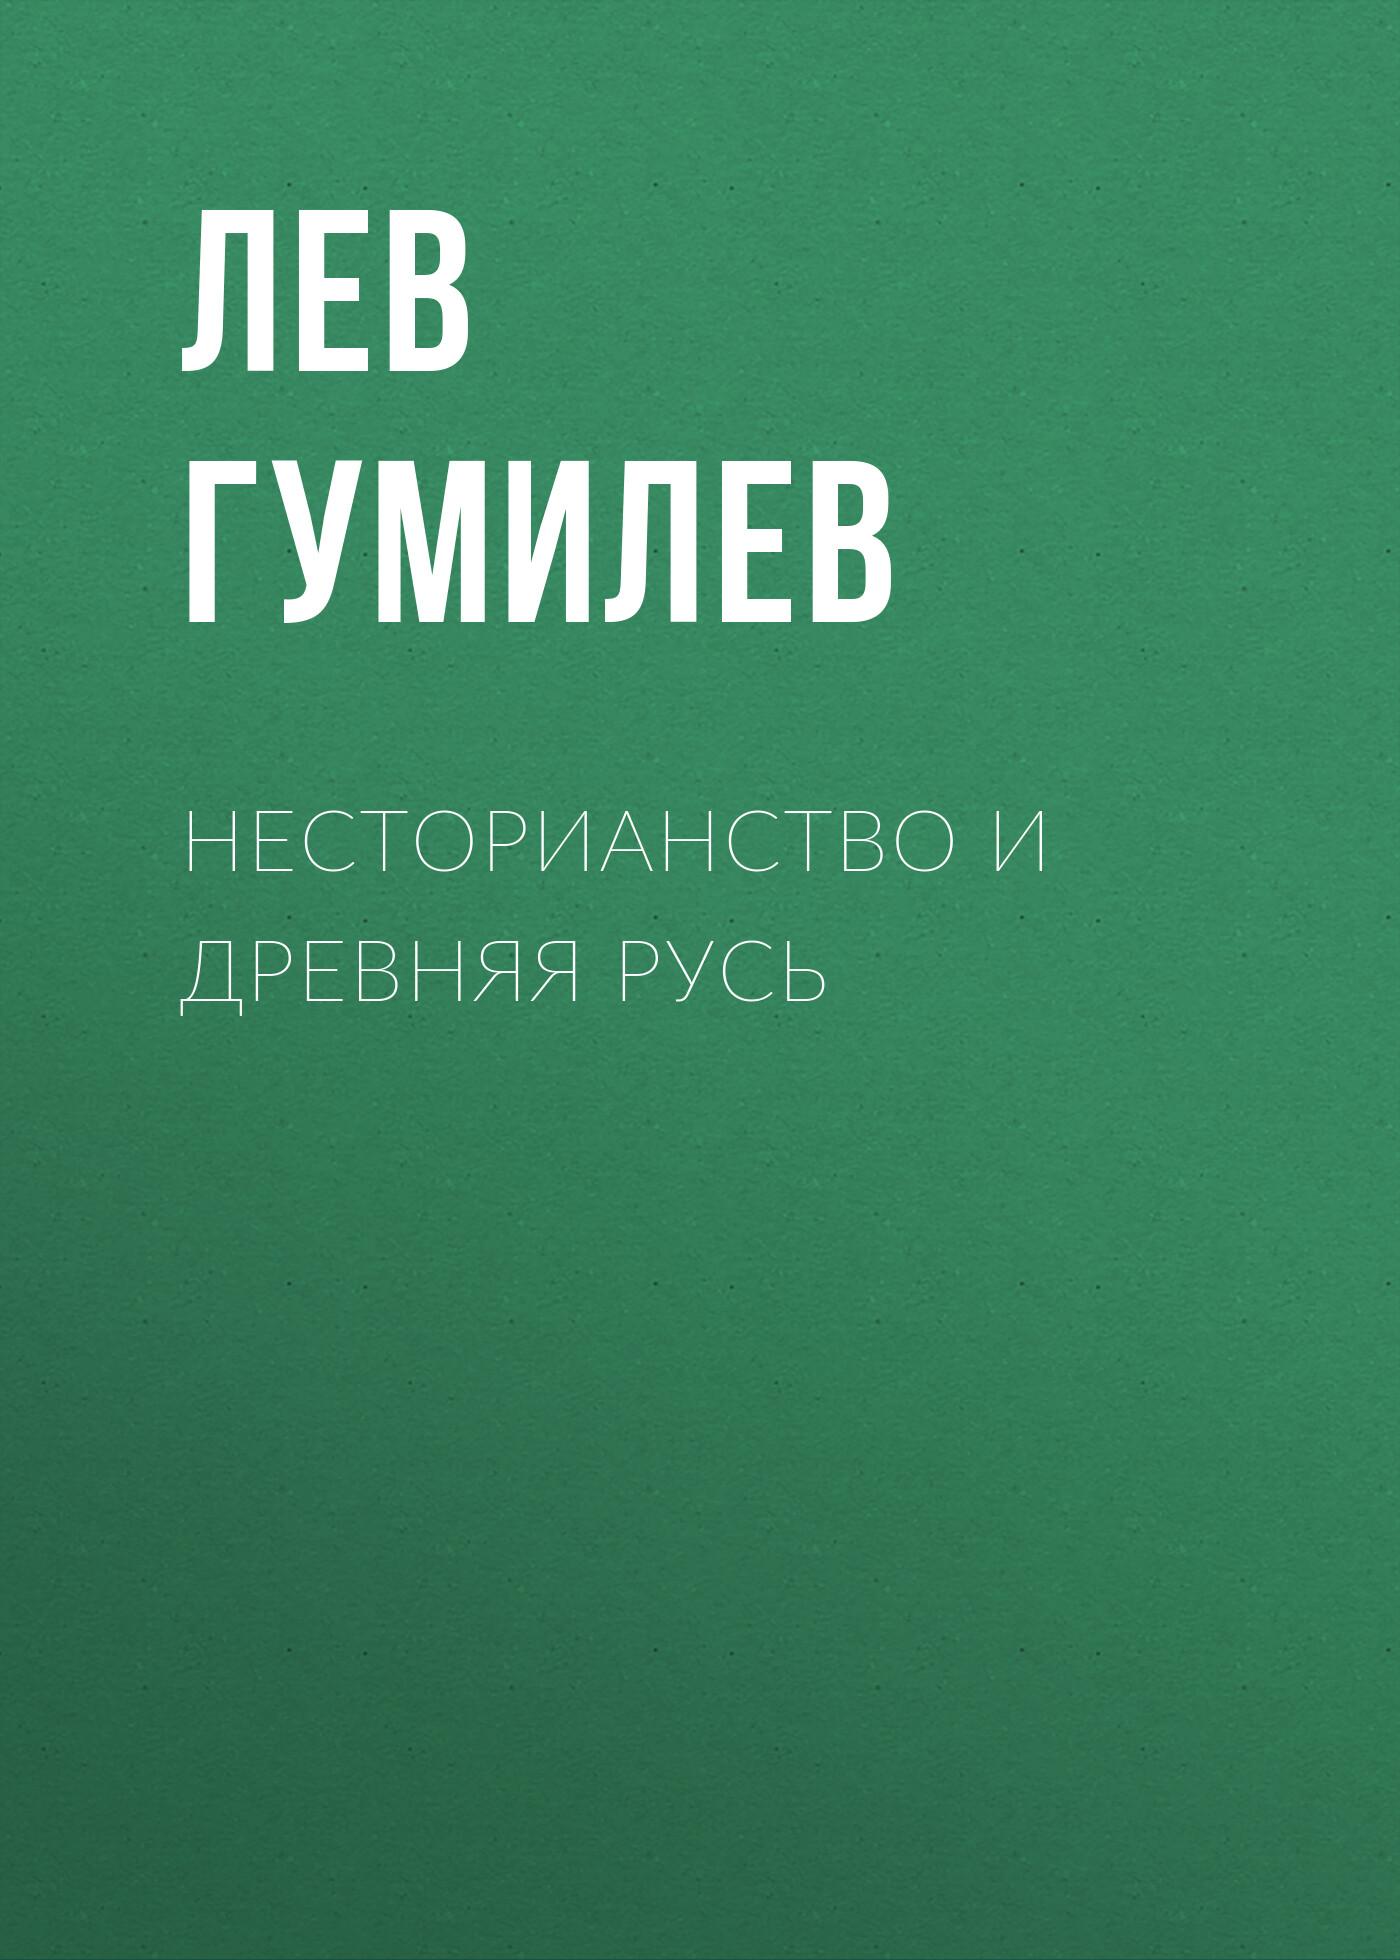 купить Лев Гумилев Несторианство и Древняя Русь по цене 19.99 рублей